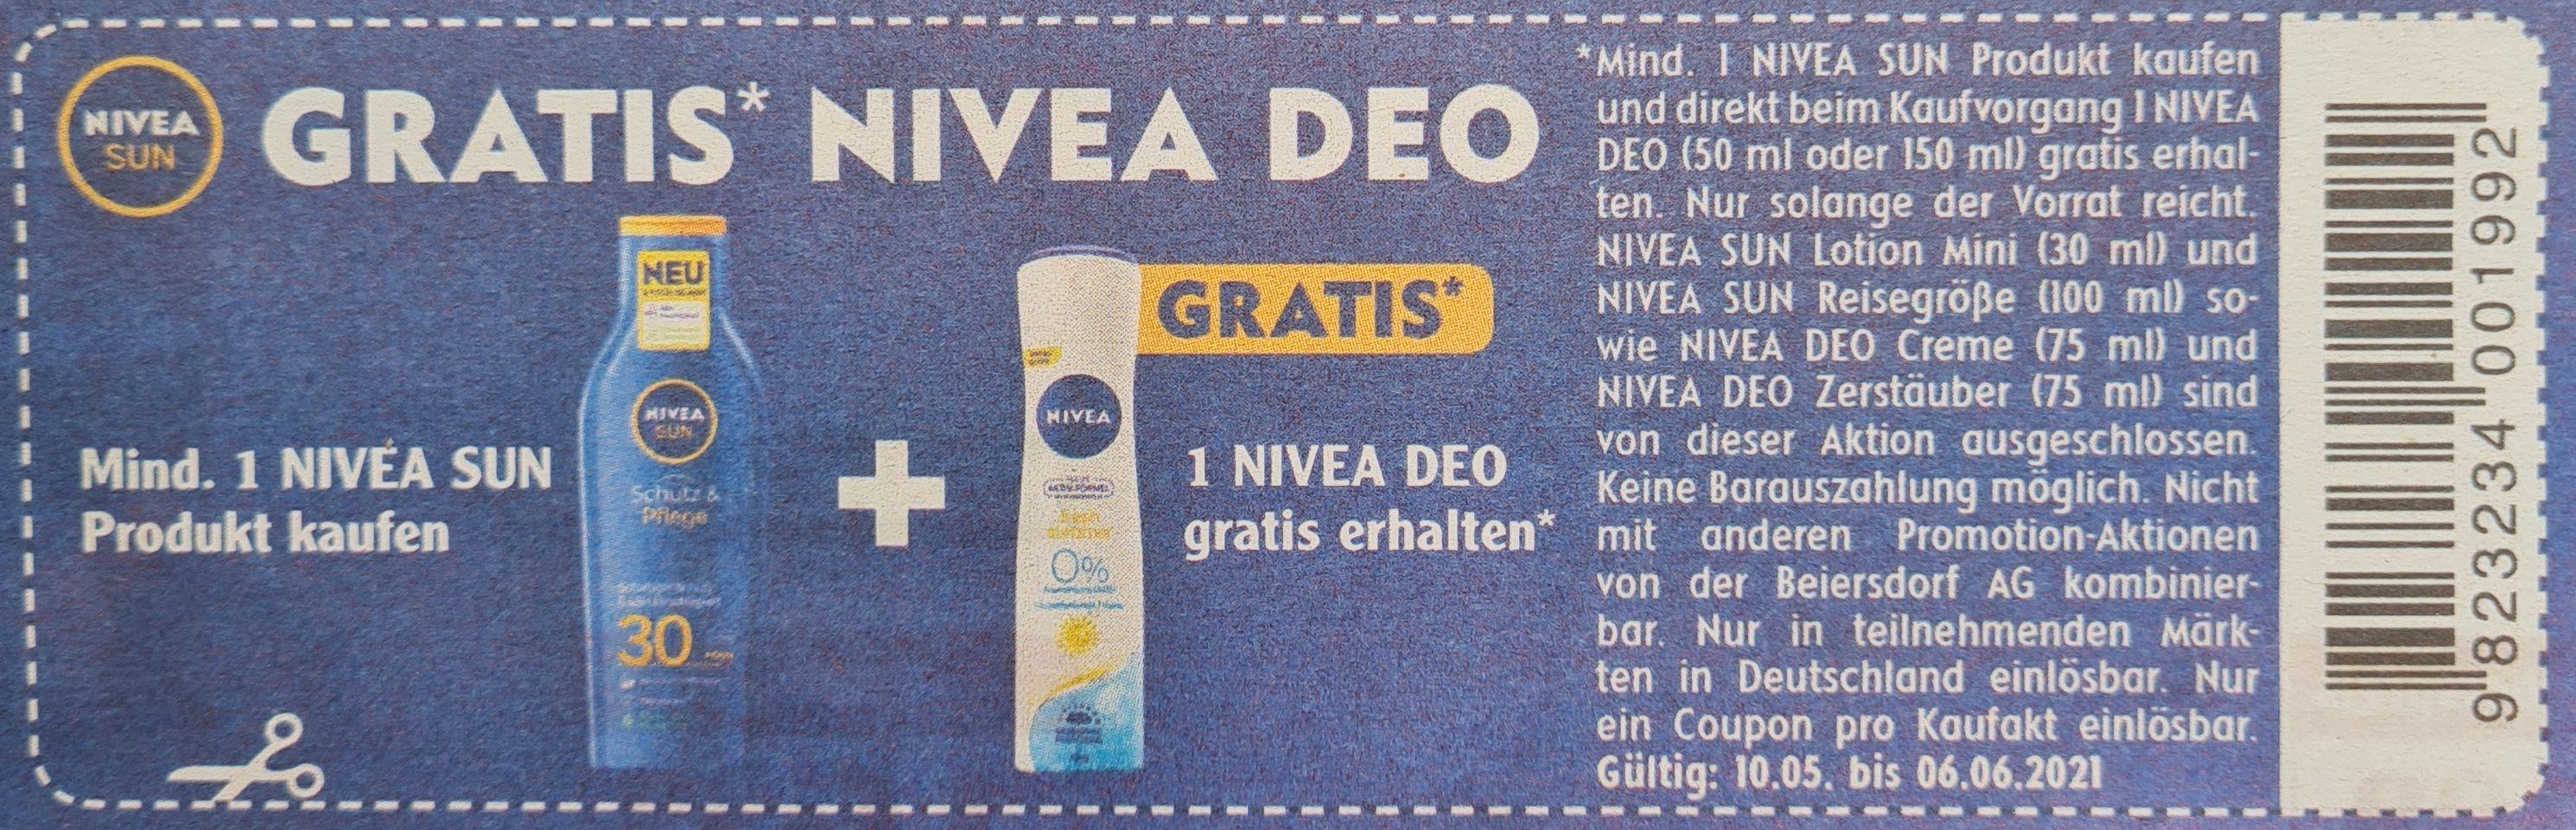 Gratis Nivea Deo beim Kauf von mindestens 1 Produkt Nivea Sun ab 10.05 bis 06.06 Globus